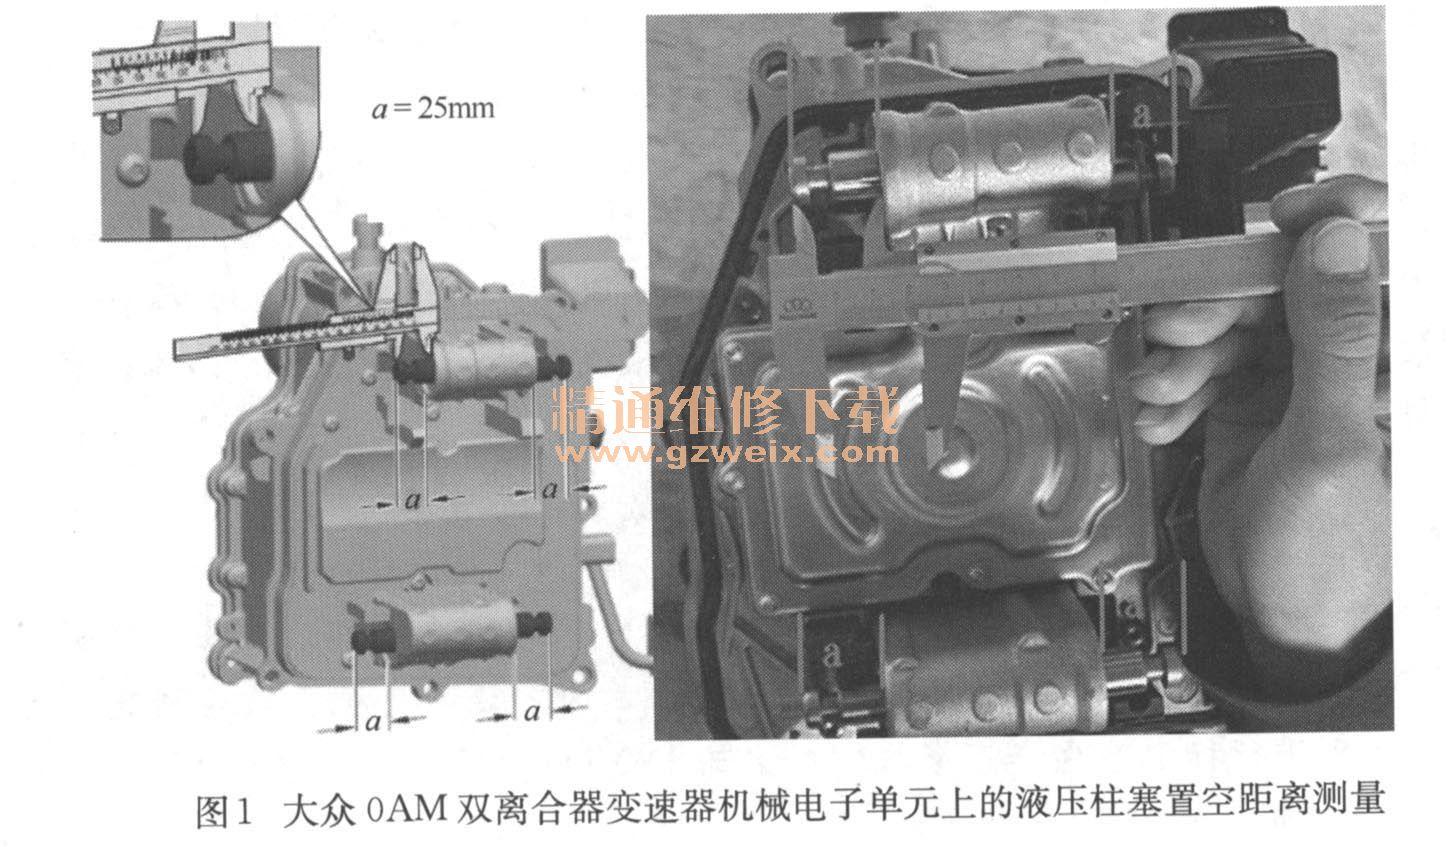 大众0am自动变速器拆装不规范操作的后果